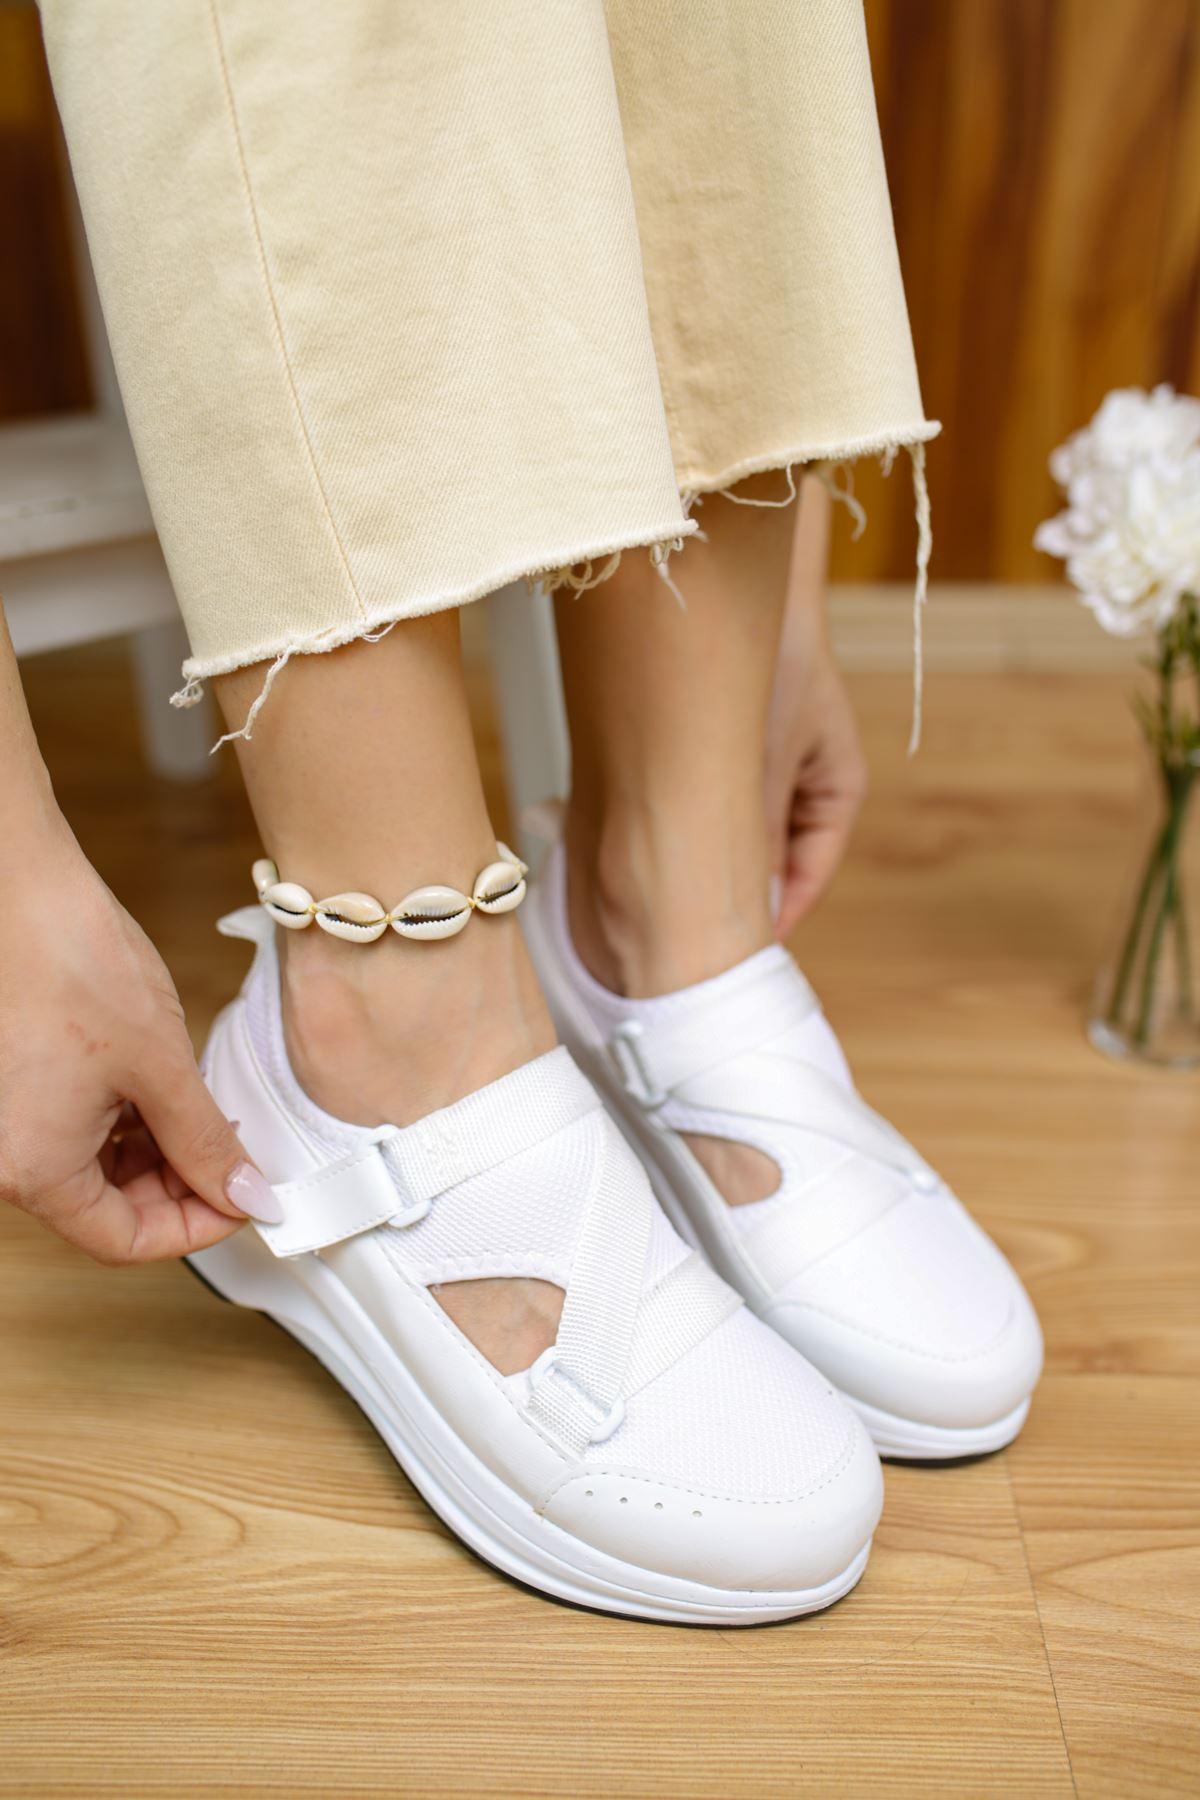 Tesra Beyaz Lastikli Kadın Spor Ayakkabı